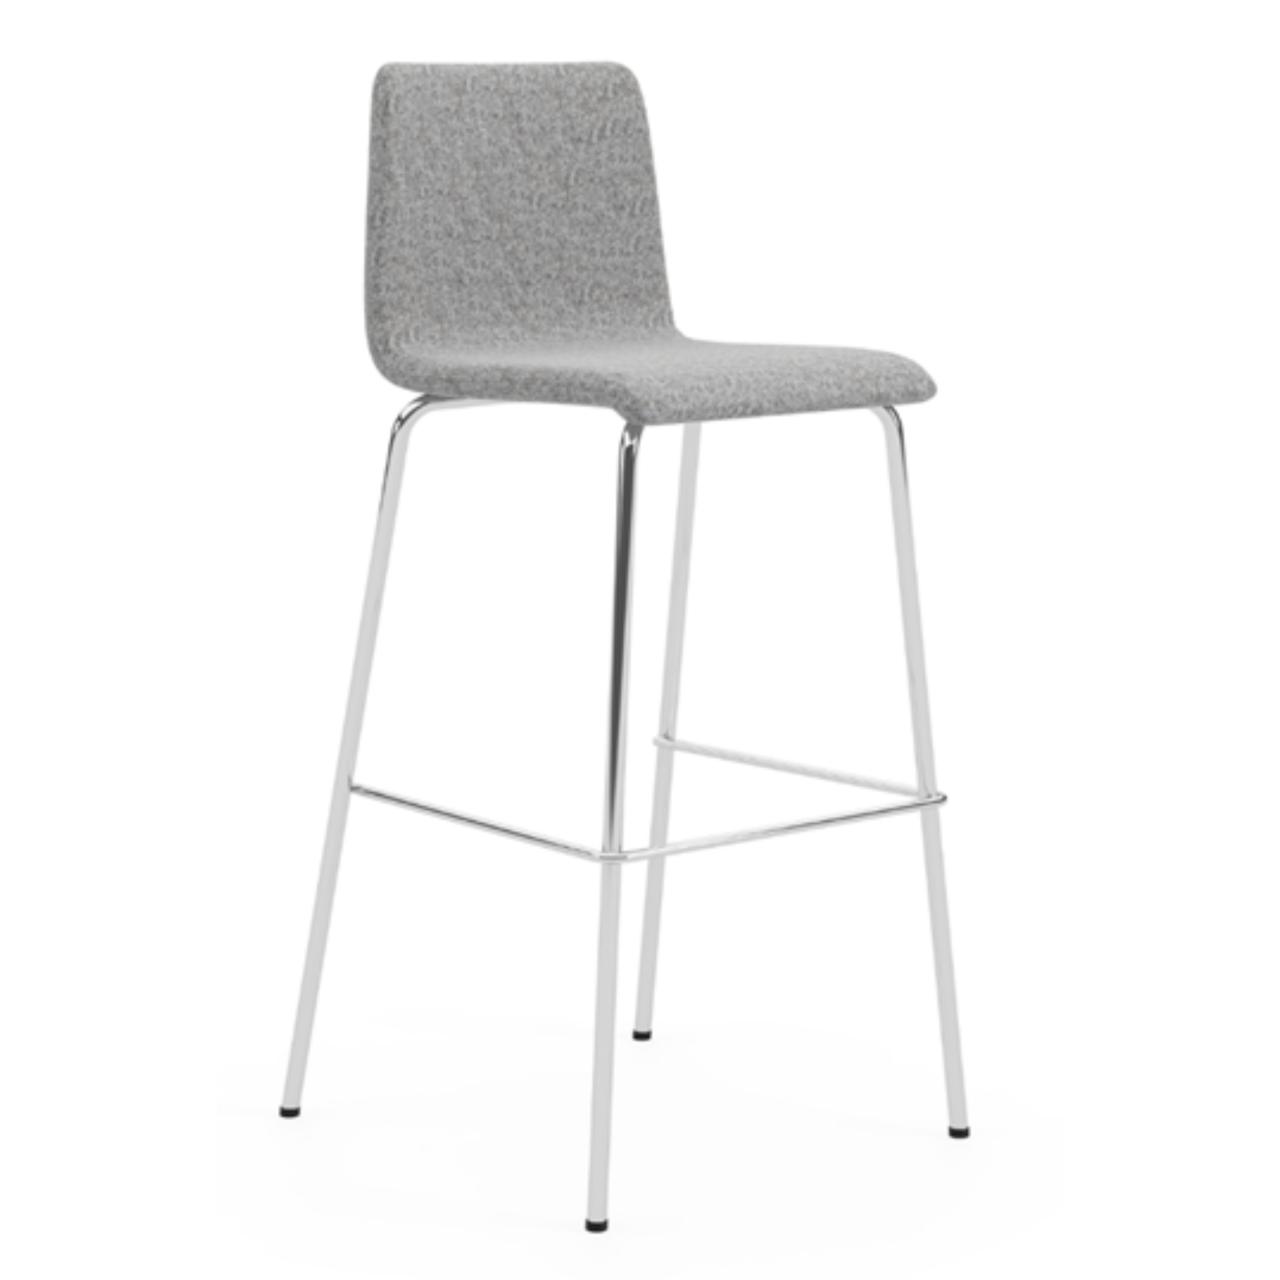 Barhocker Anna - Stylischer Barstuhl für den Open Space, die Küche oder den Pausenraum